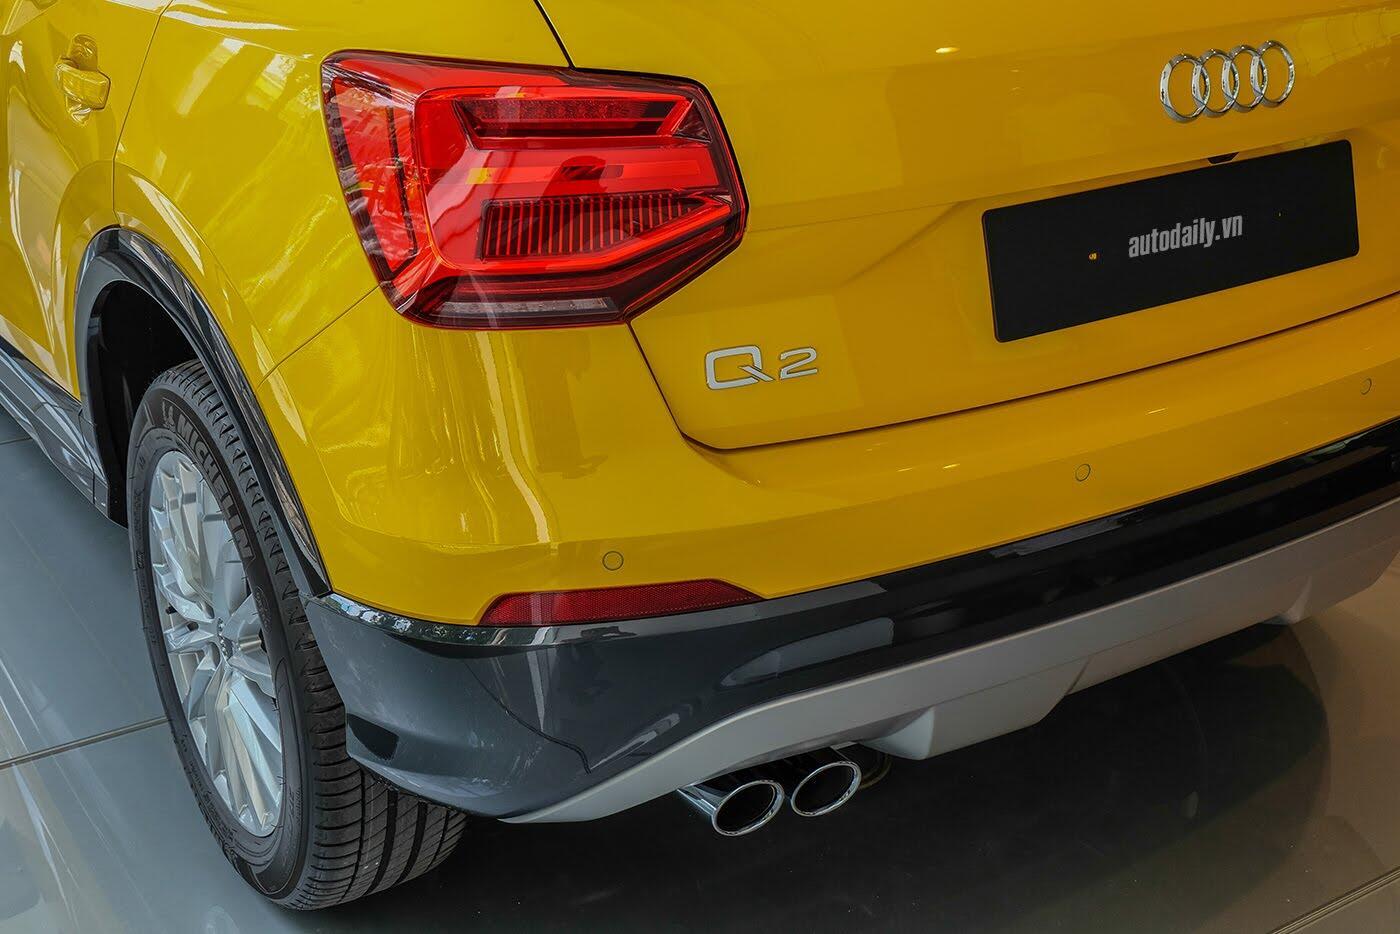 Audi Q2 đã có mặt tại showroom, sẵn sàng bán tới tay người dùng - Hình 7